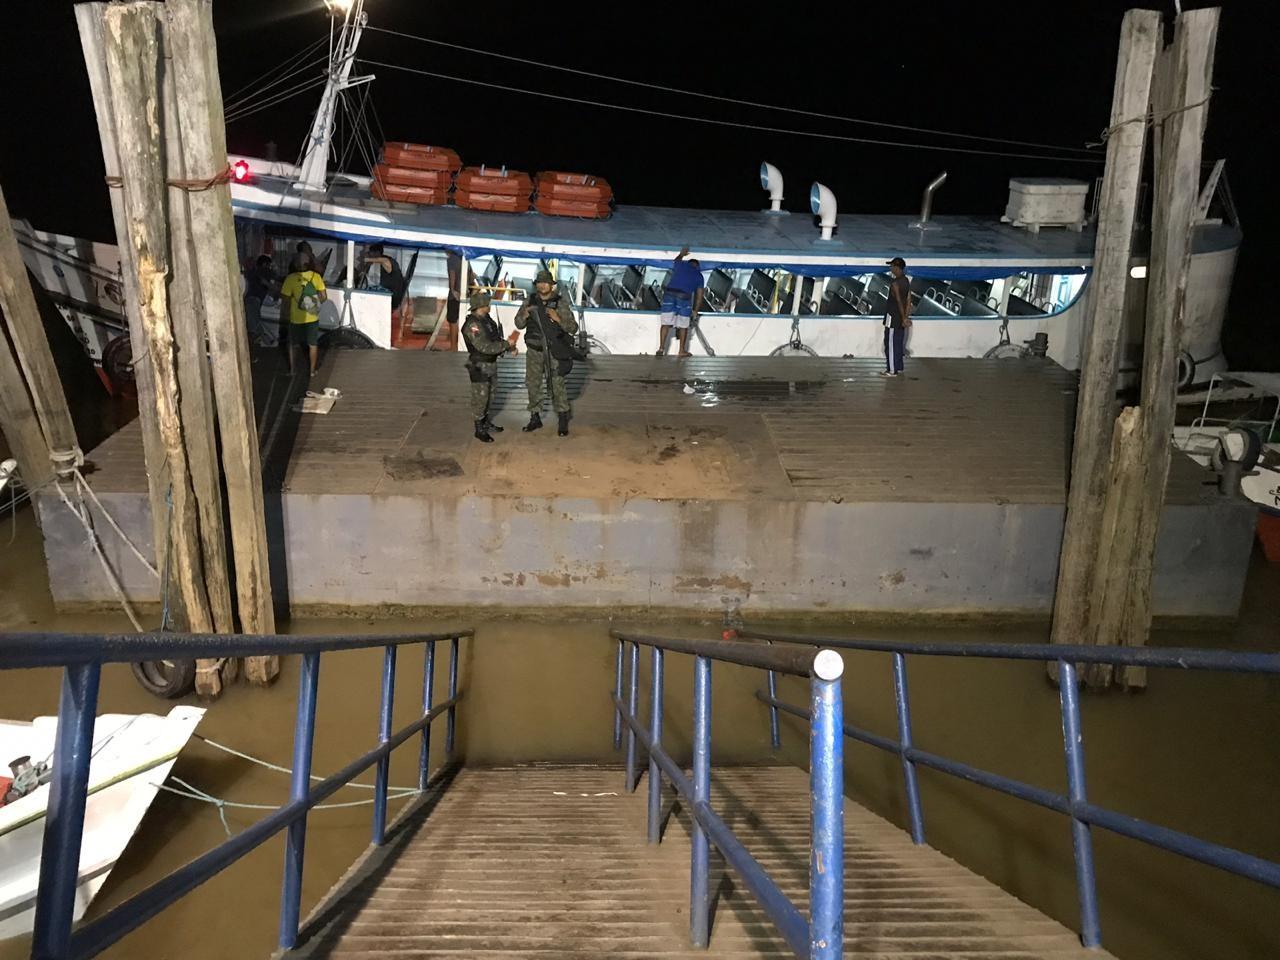 Rampa do trapiche de Icoaraci é recolocada em flutuante após se deslocar e cair  - Notícias - Plantão Diário